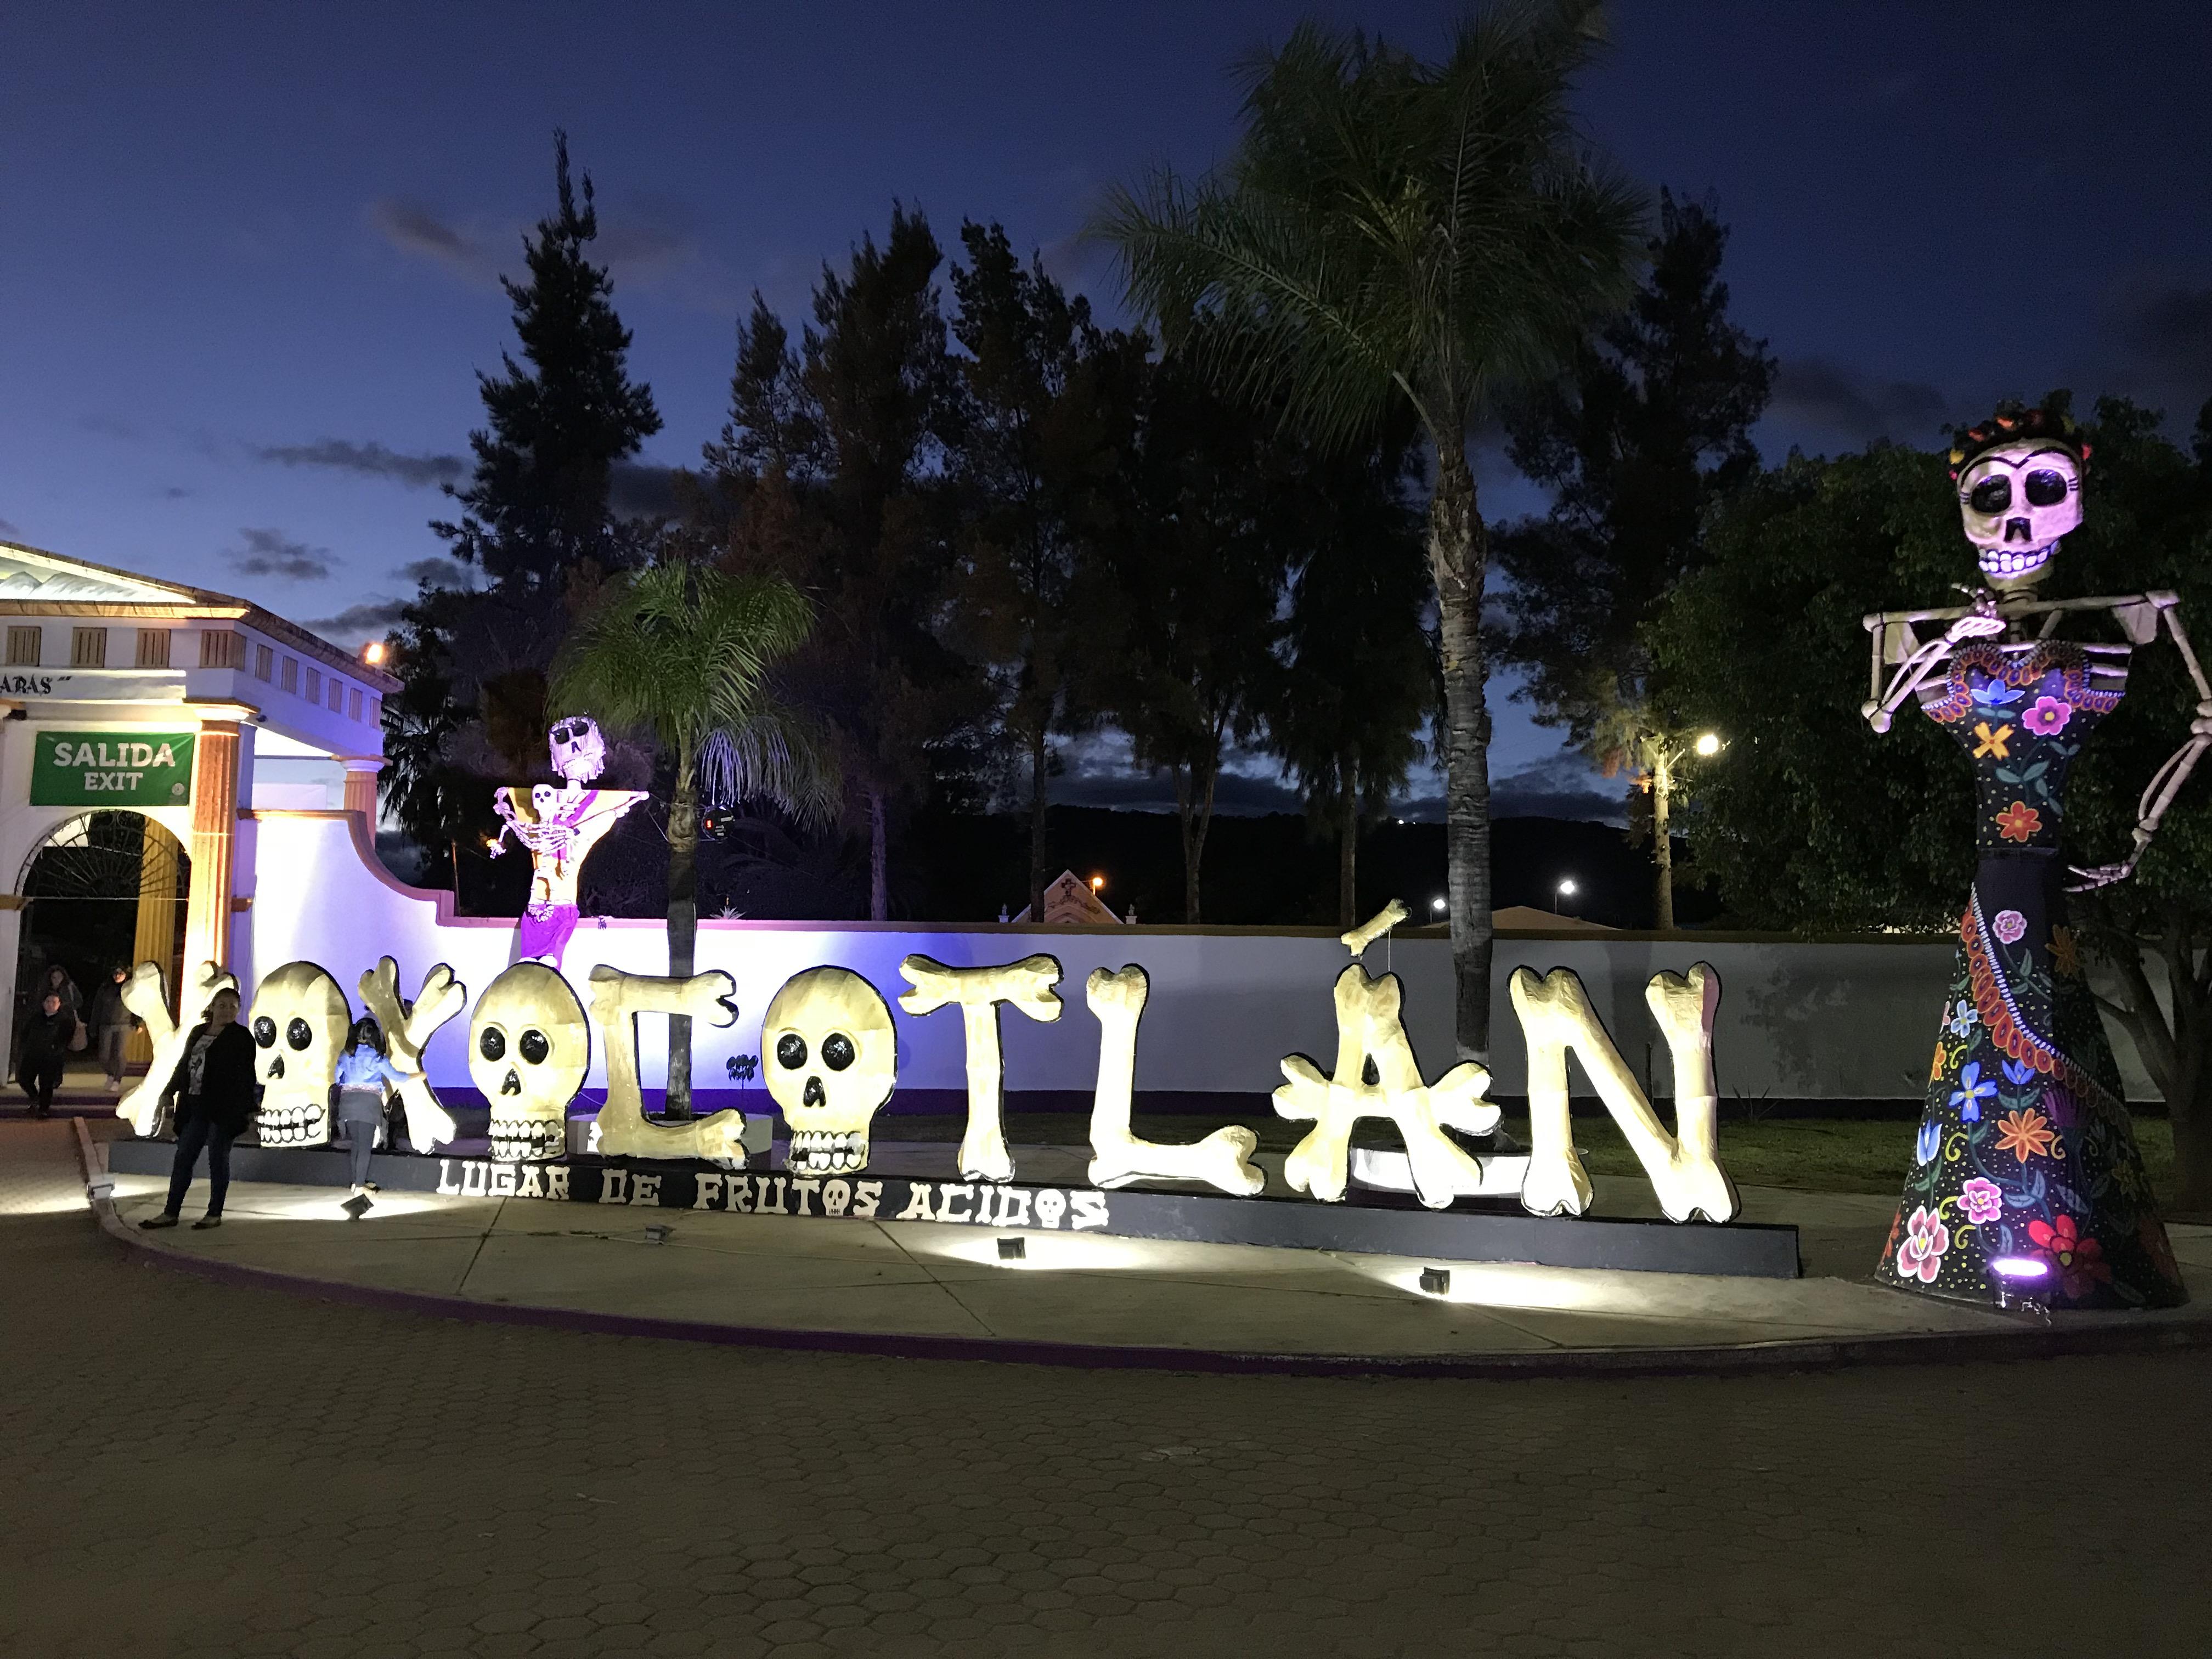 ソクソコトラン Xoxocotlán